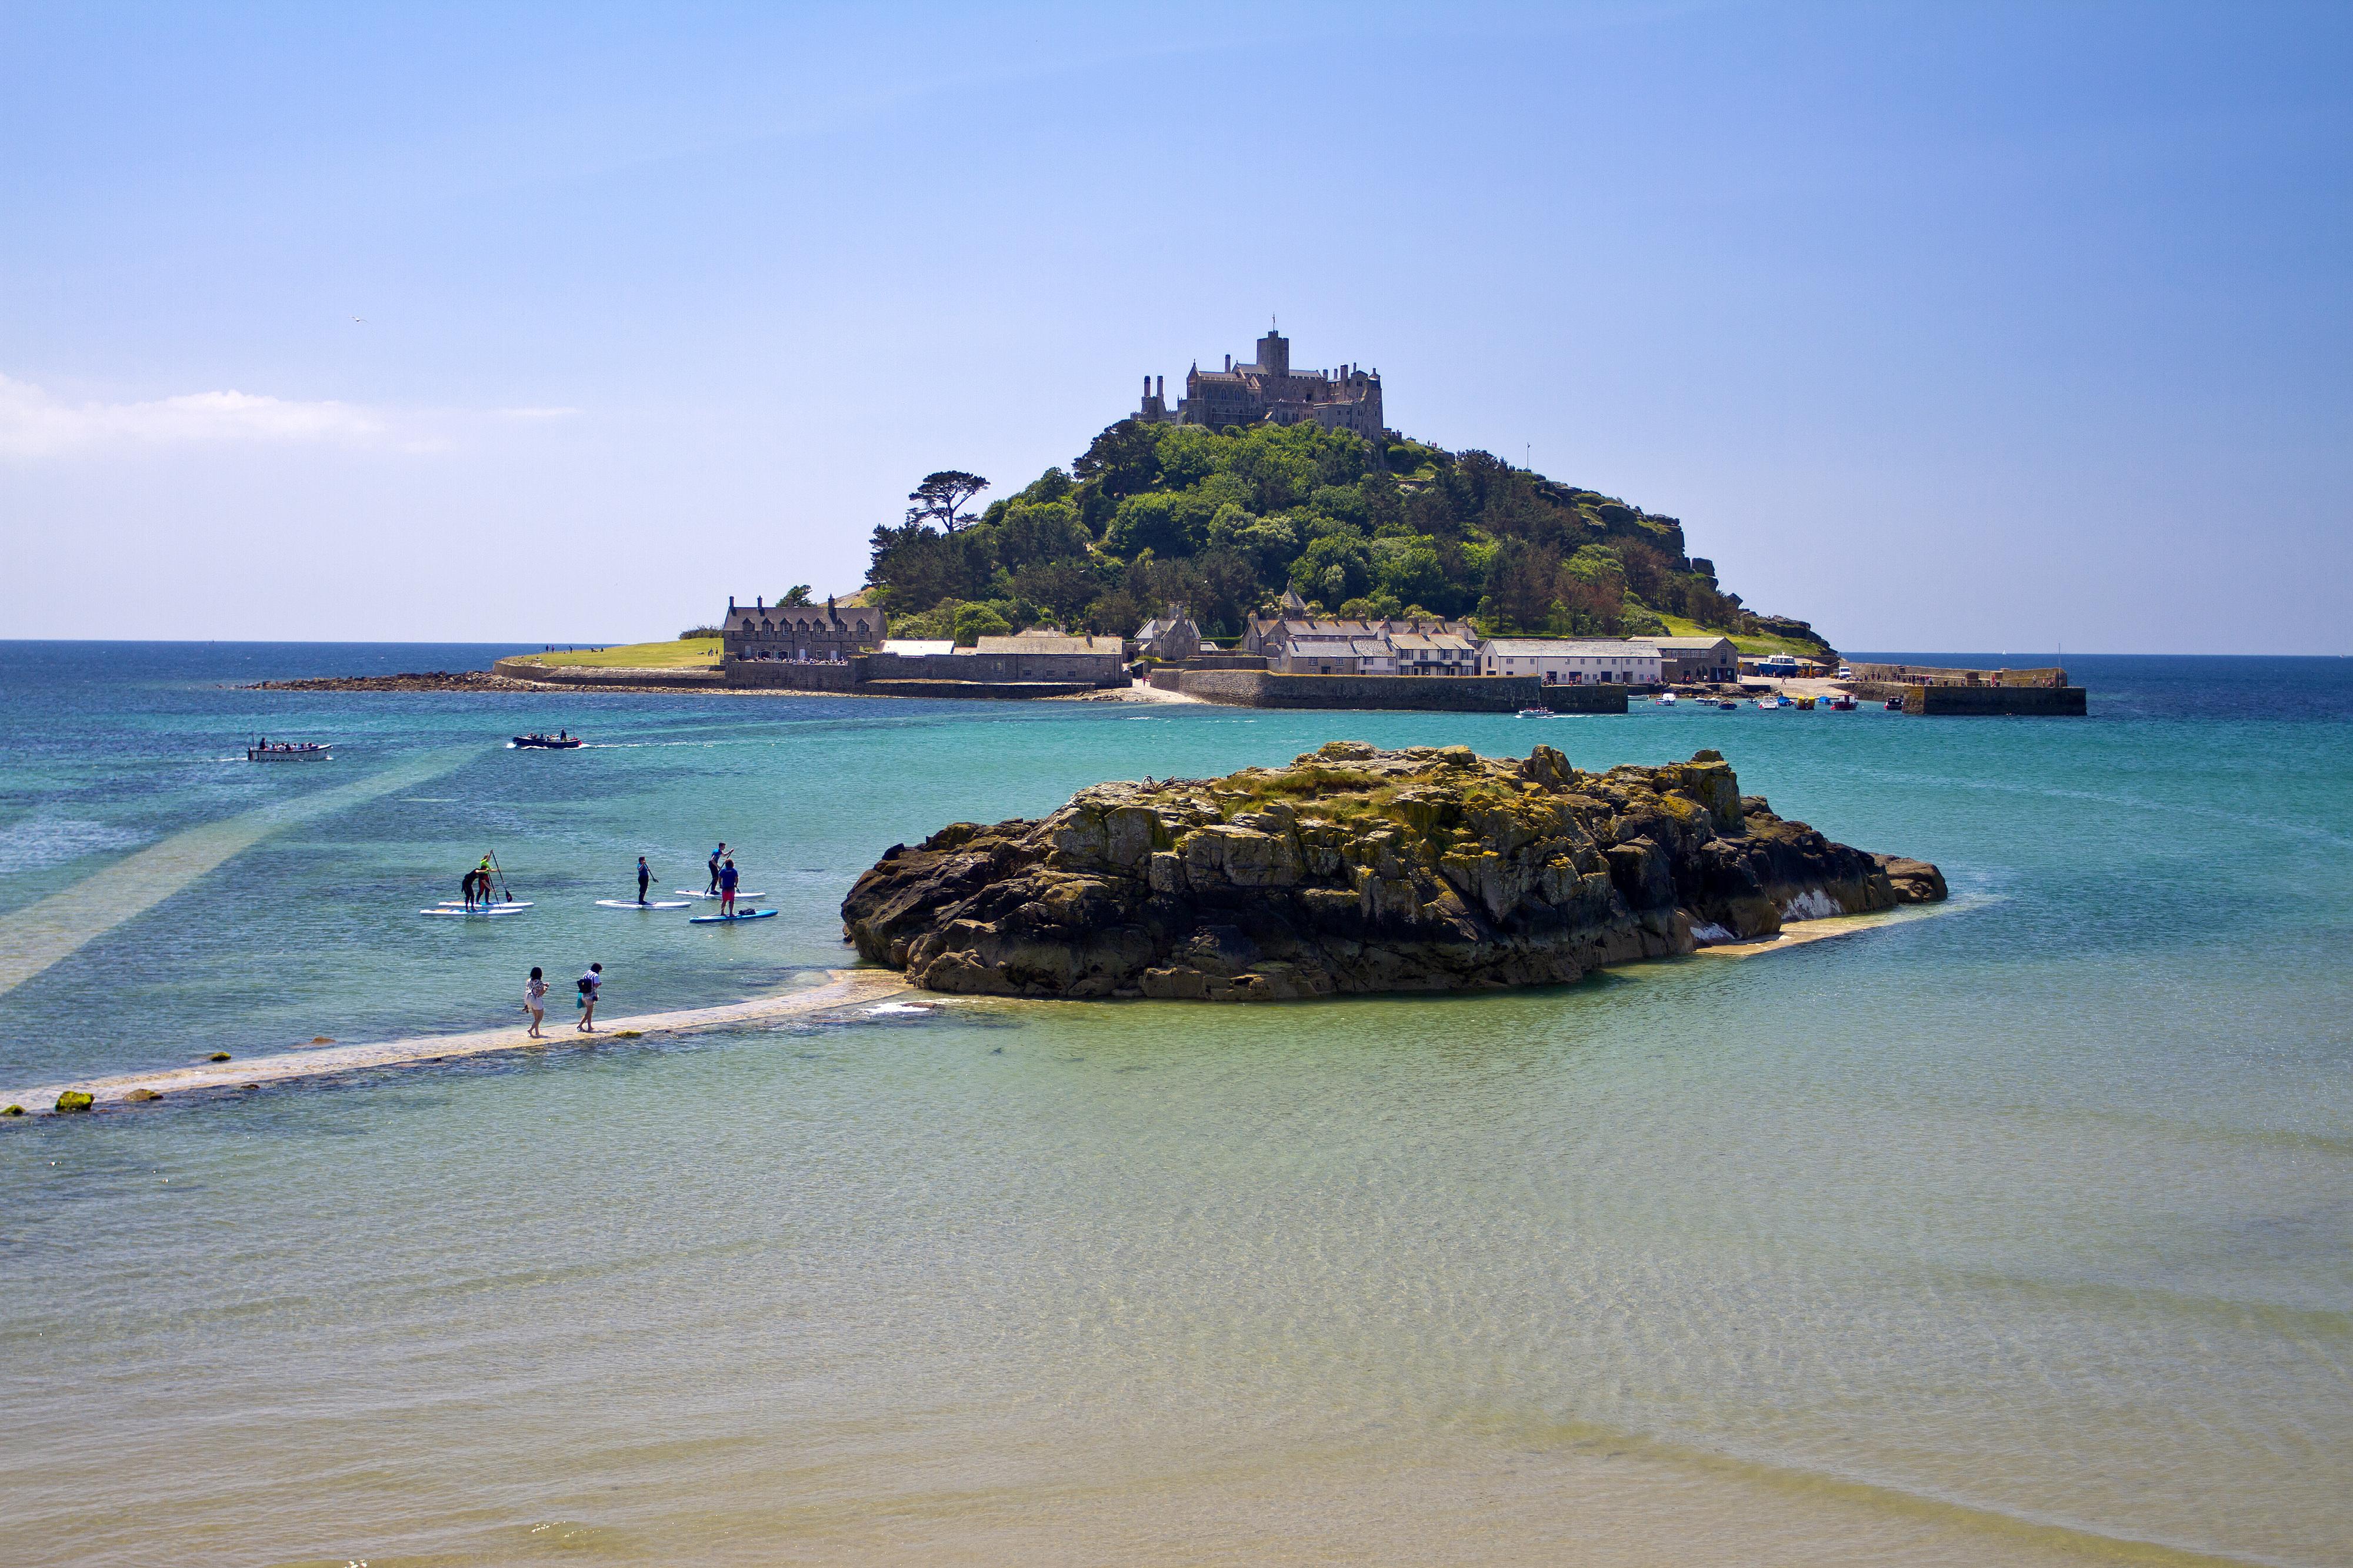 48 horas em Cornwall: Praia, jardins secretos, enseadas e aldeias